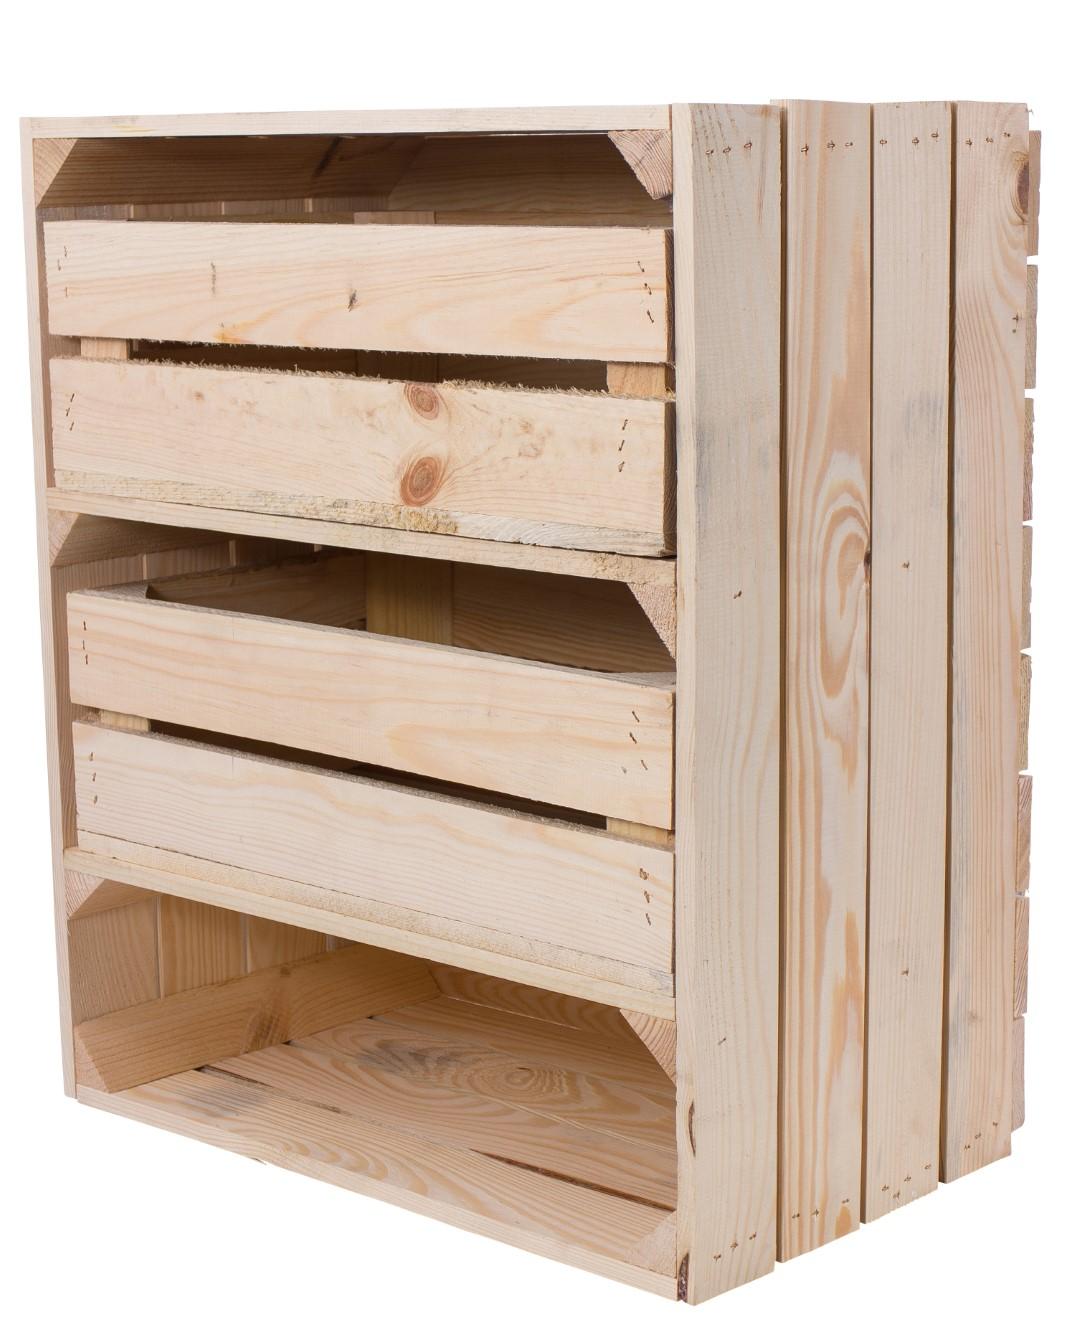 Regalkiste hoch mit 3 Fächern und 2 Schubladen Natur 61x50x31cm